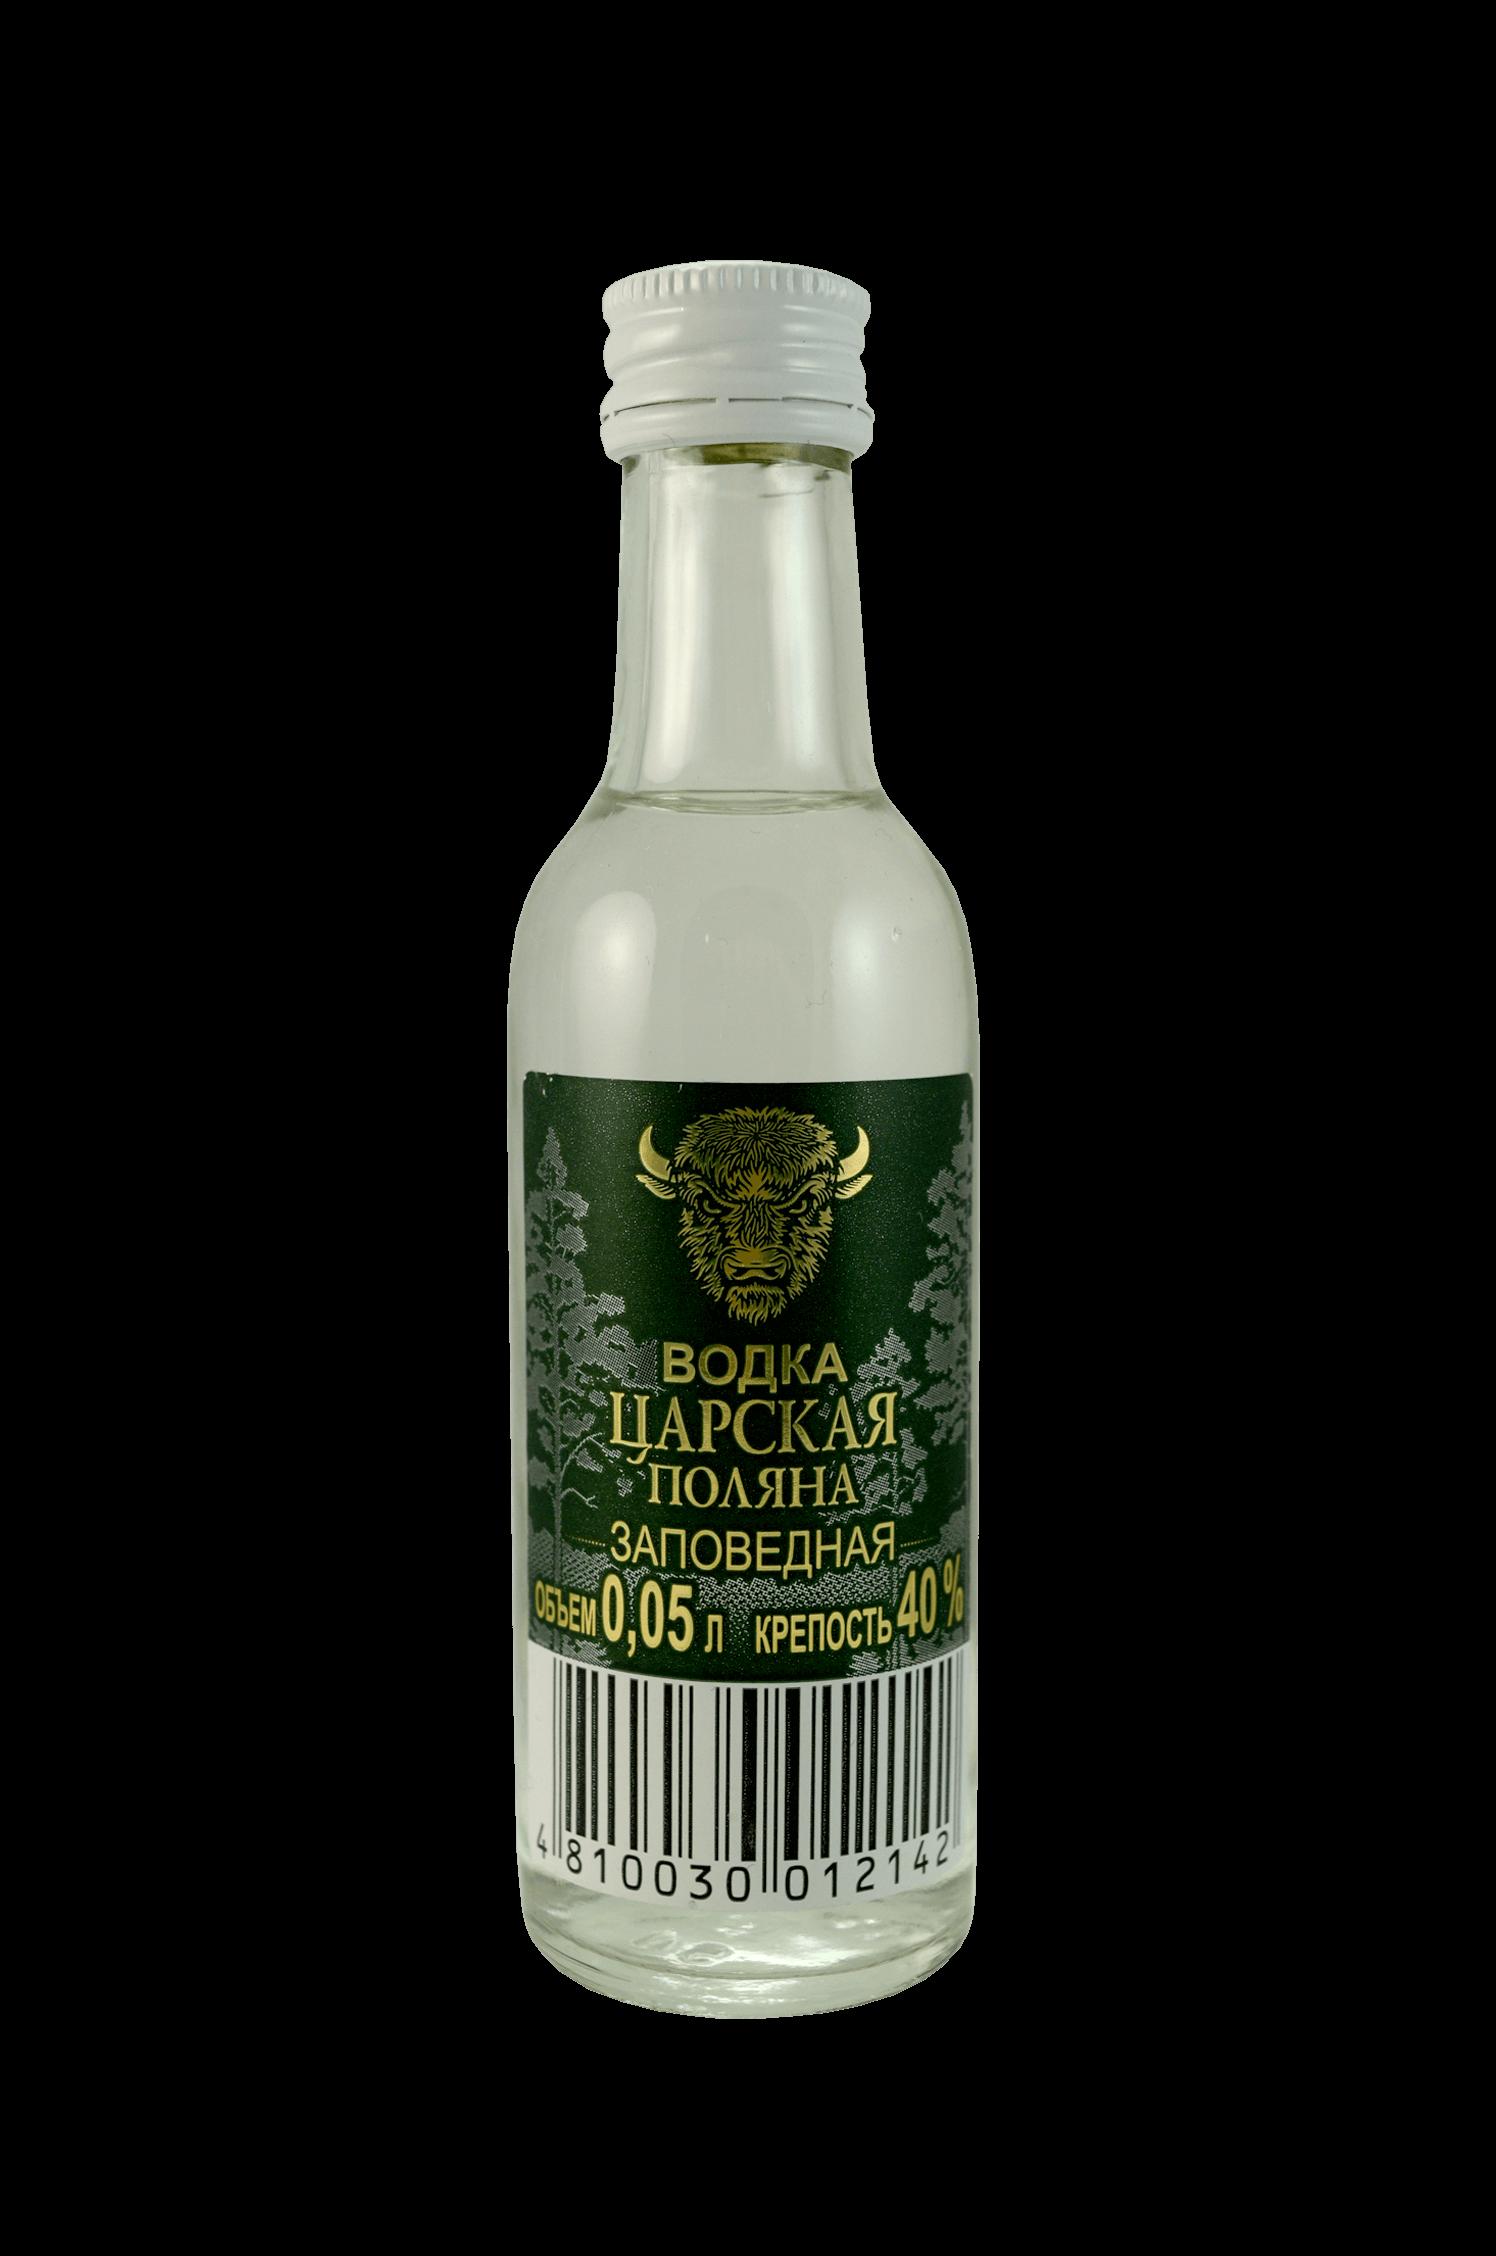 Vodka Carskaya Zapovednaya